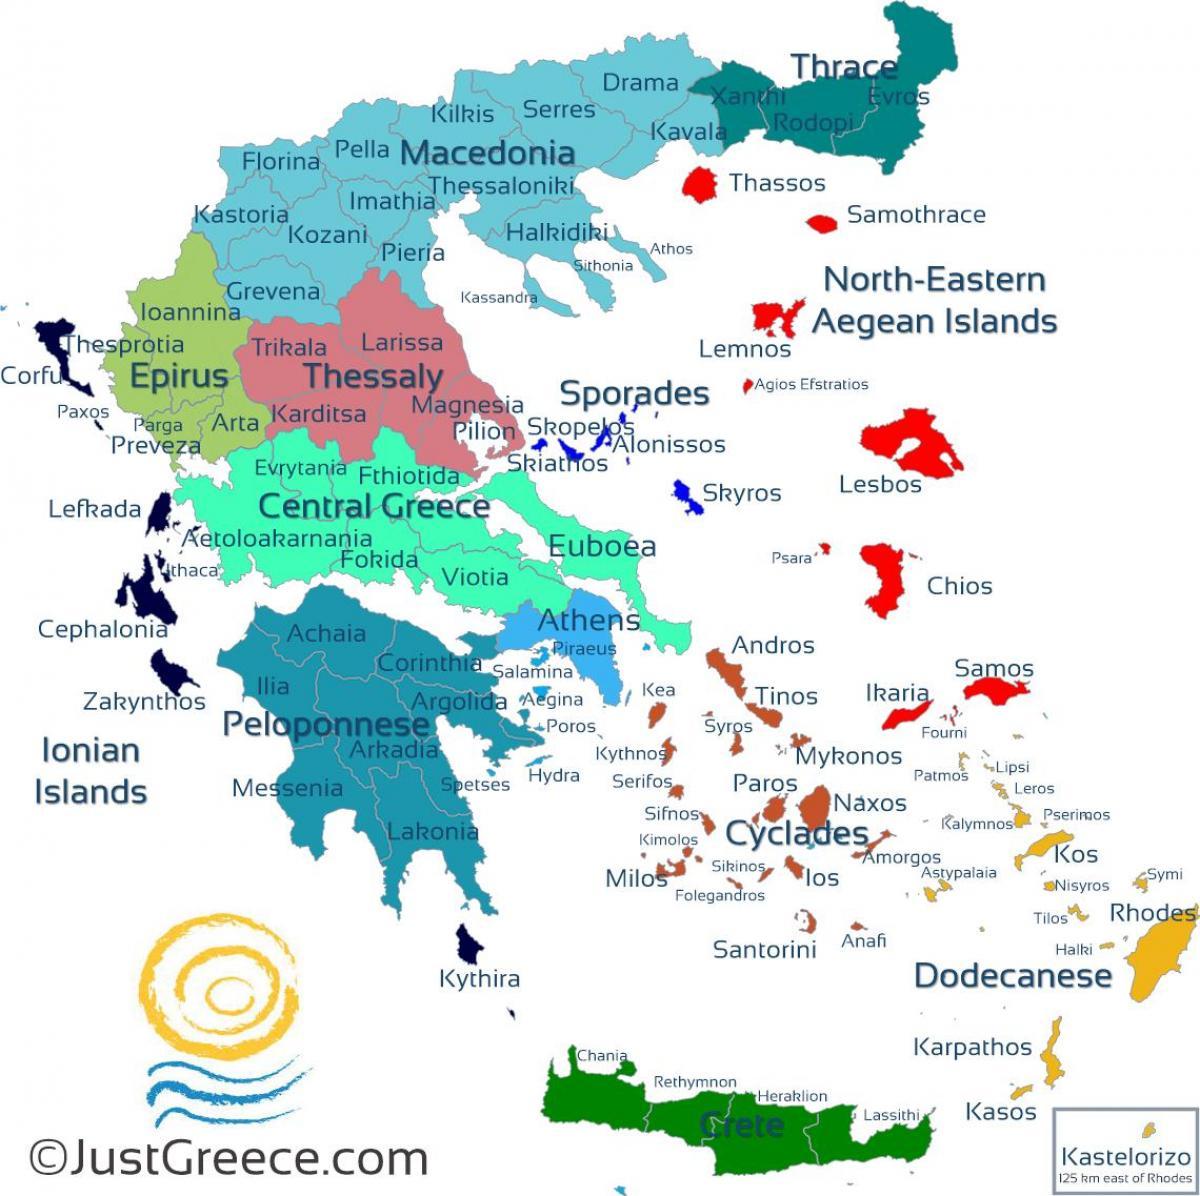 Landkarte Griechische Inseln Griechische Inseln Karte Europa